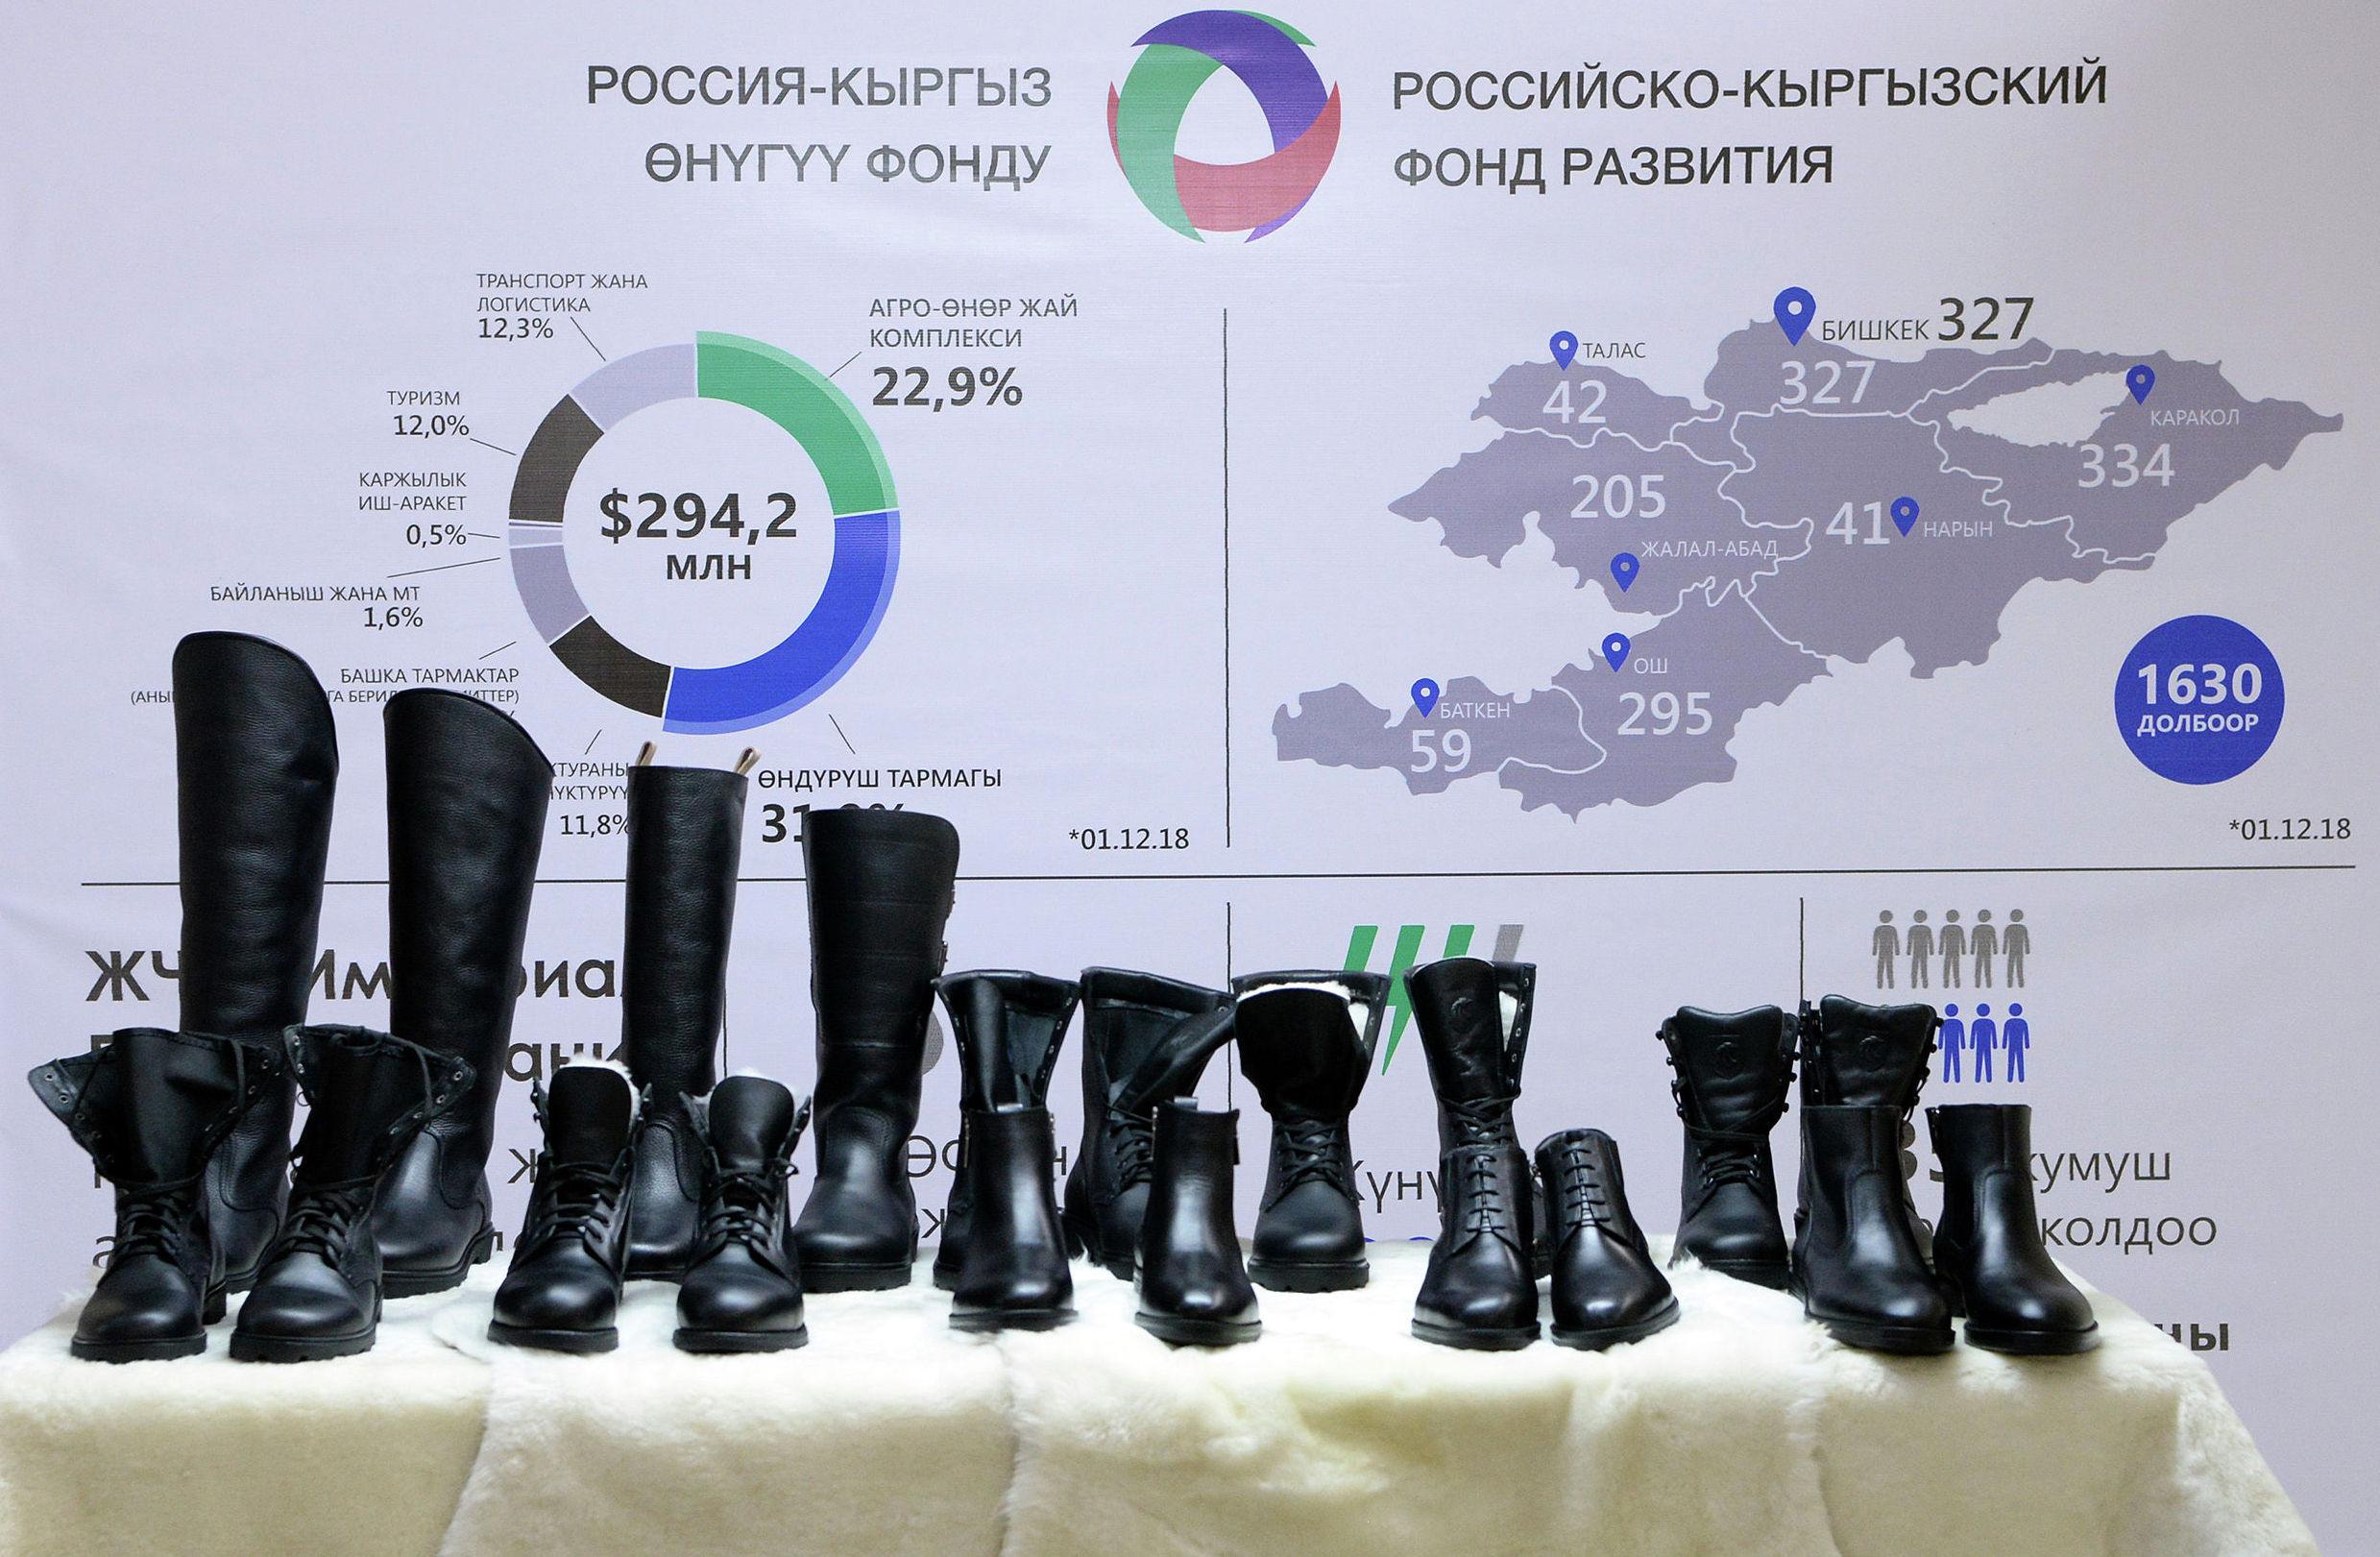 Обувь произведенный компанией ОсОО Империал групп Ко в Сокулукском районе